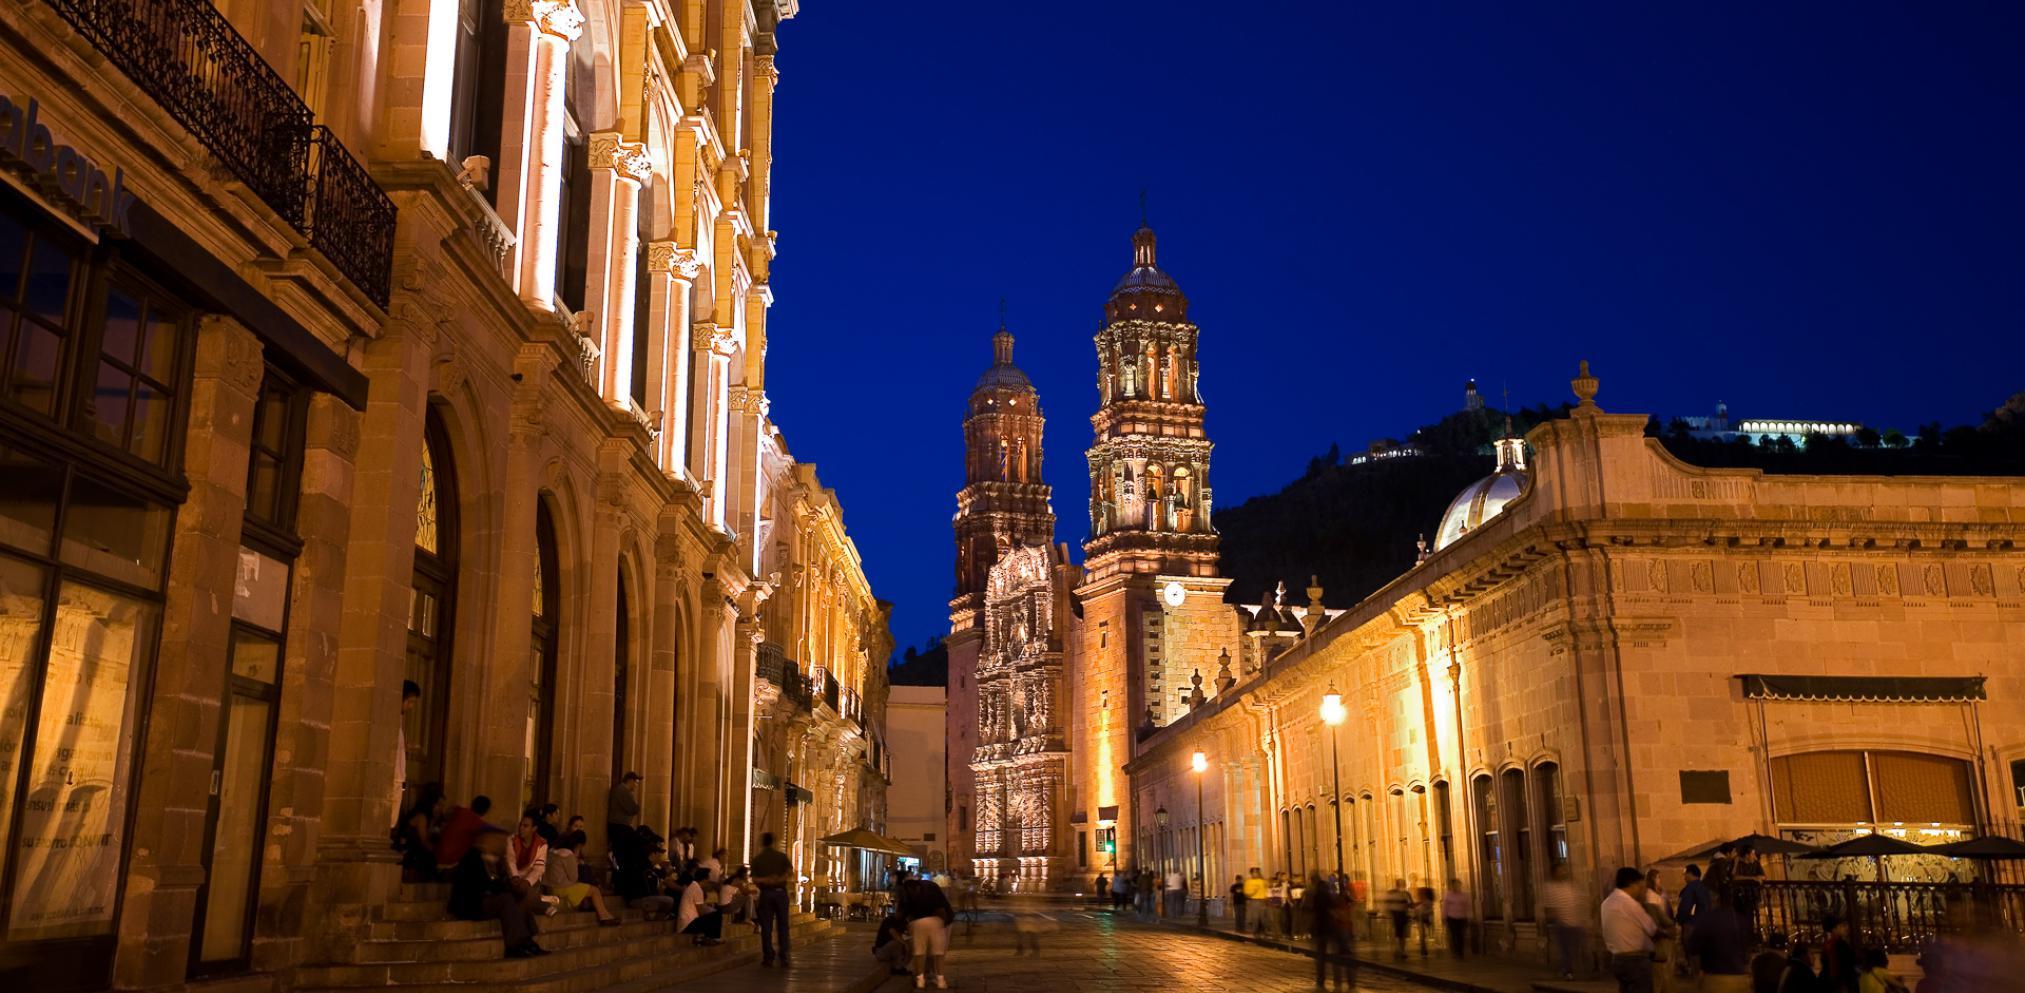 actividades-principales_zacatecas_zacatecas_explora-el-centro-historico-de-la-hermosa-zacatecas_03